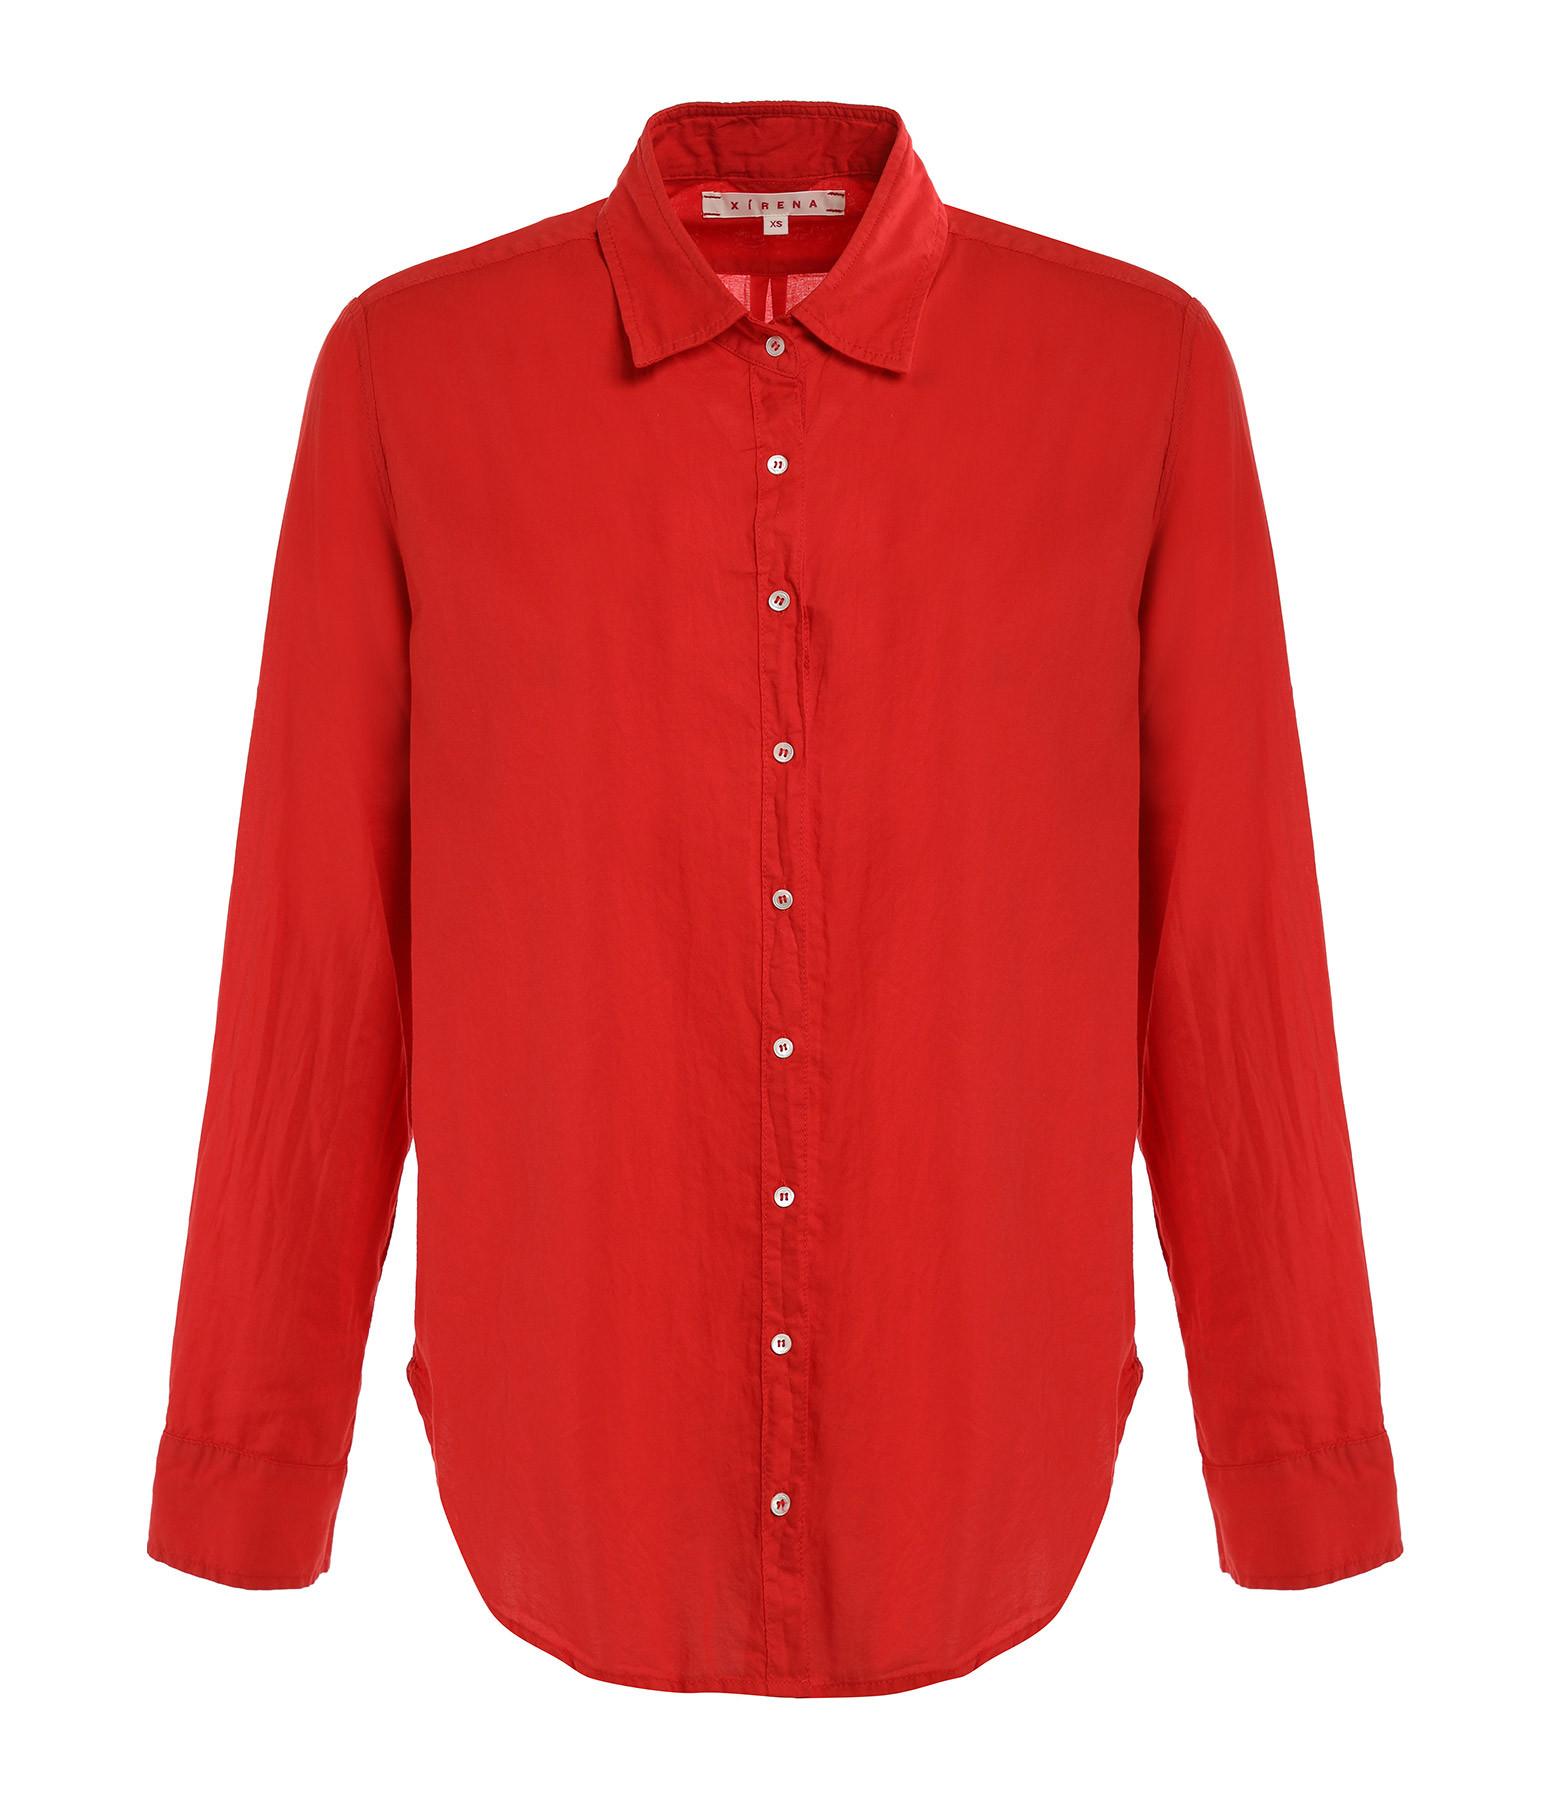 XIRENA - Chemise Beau Coton Rouge